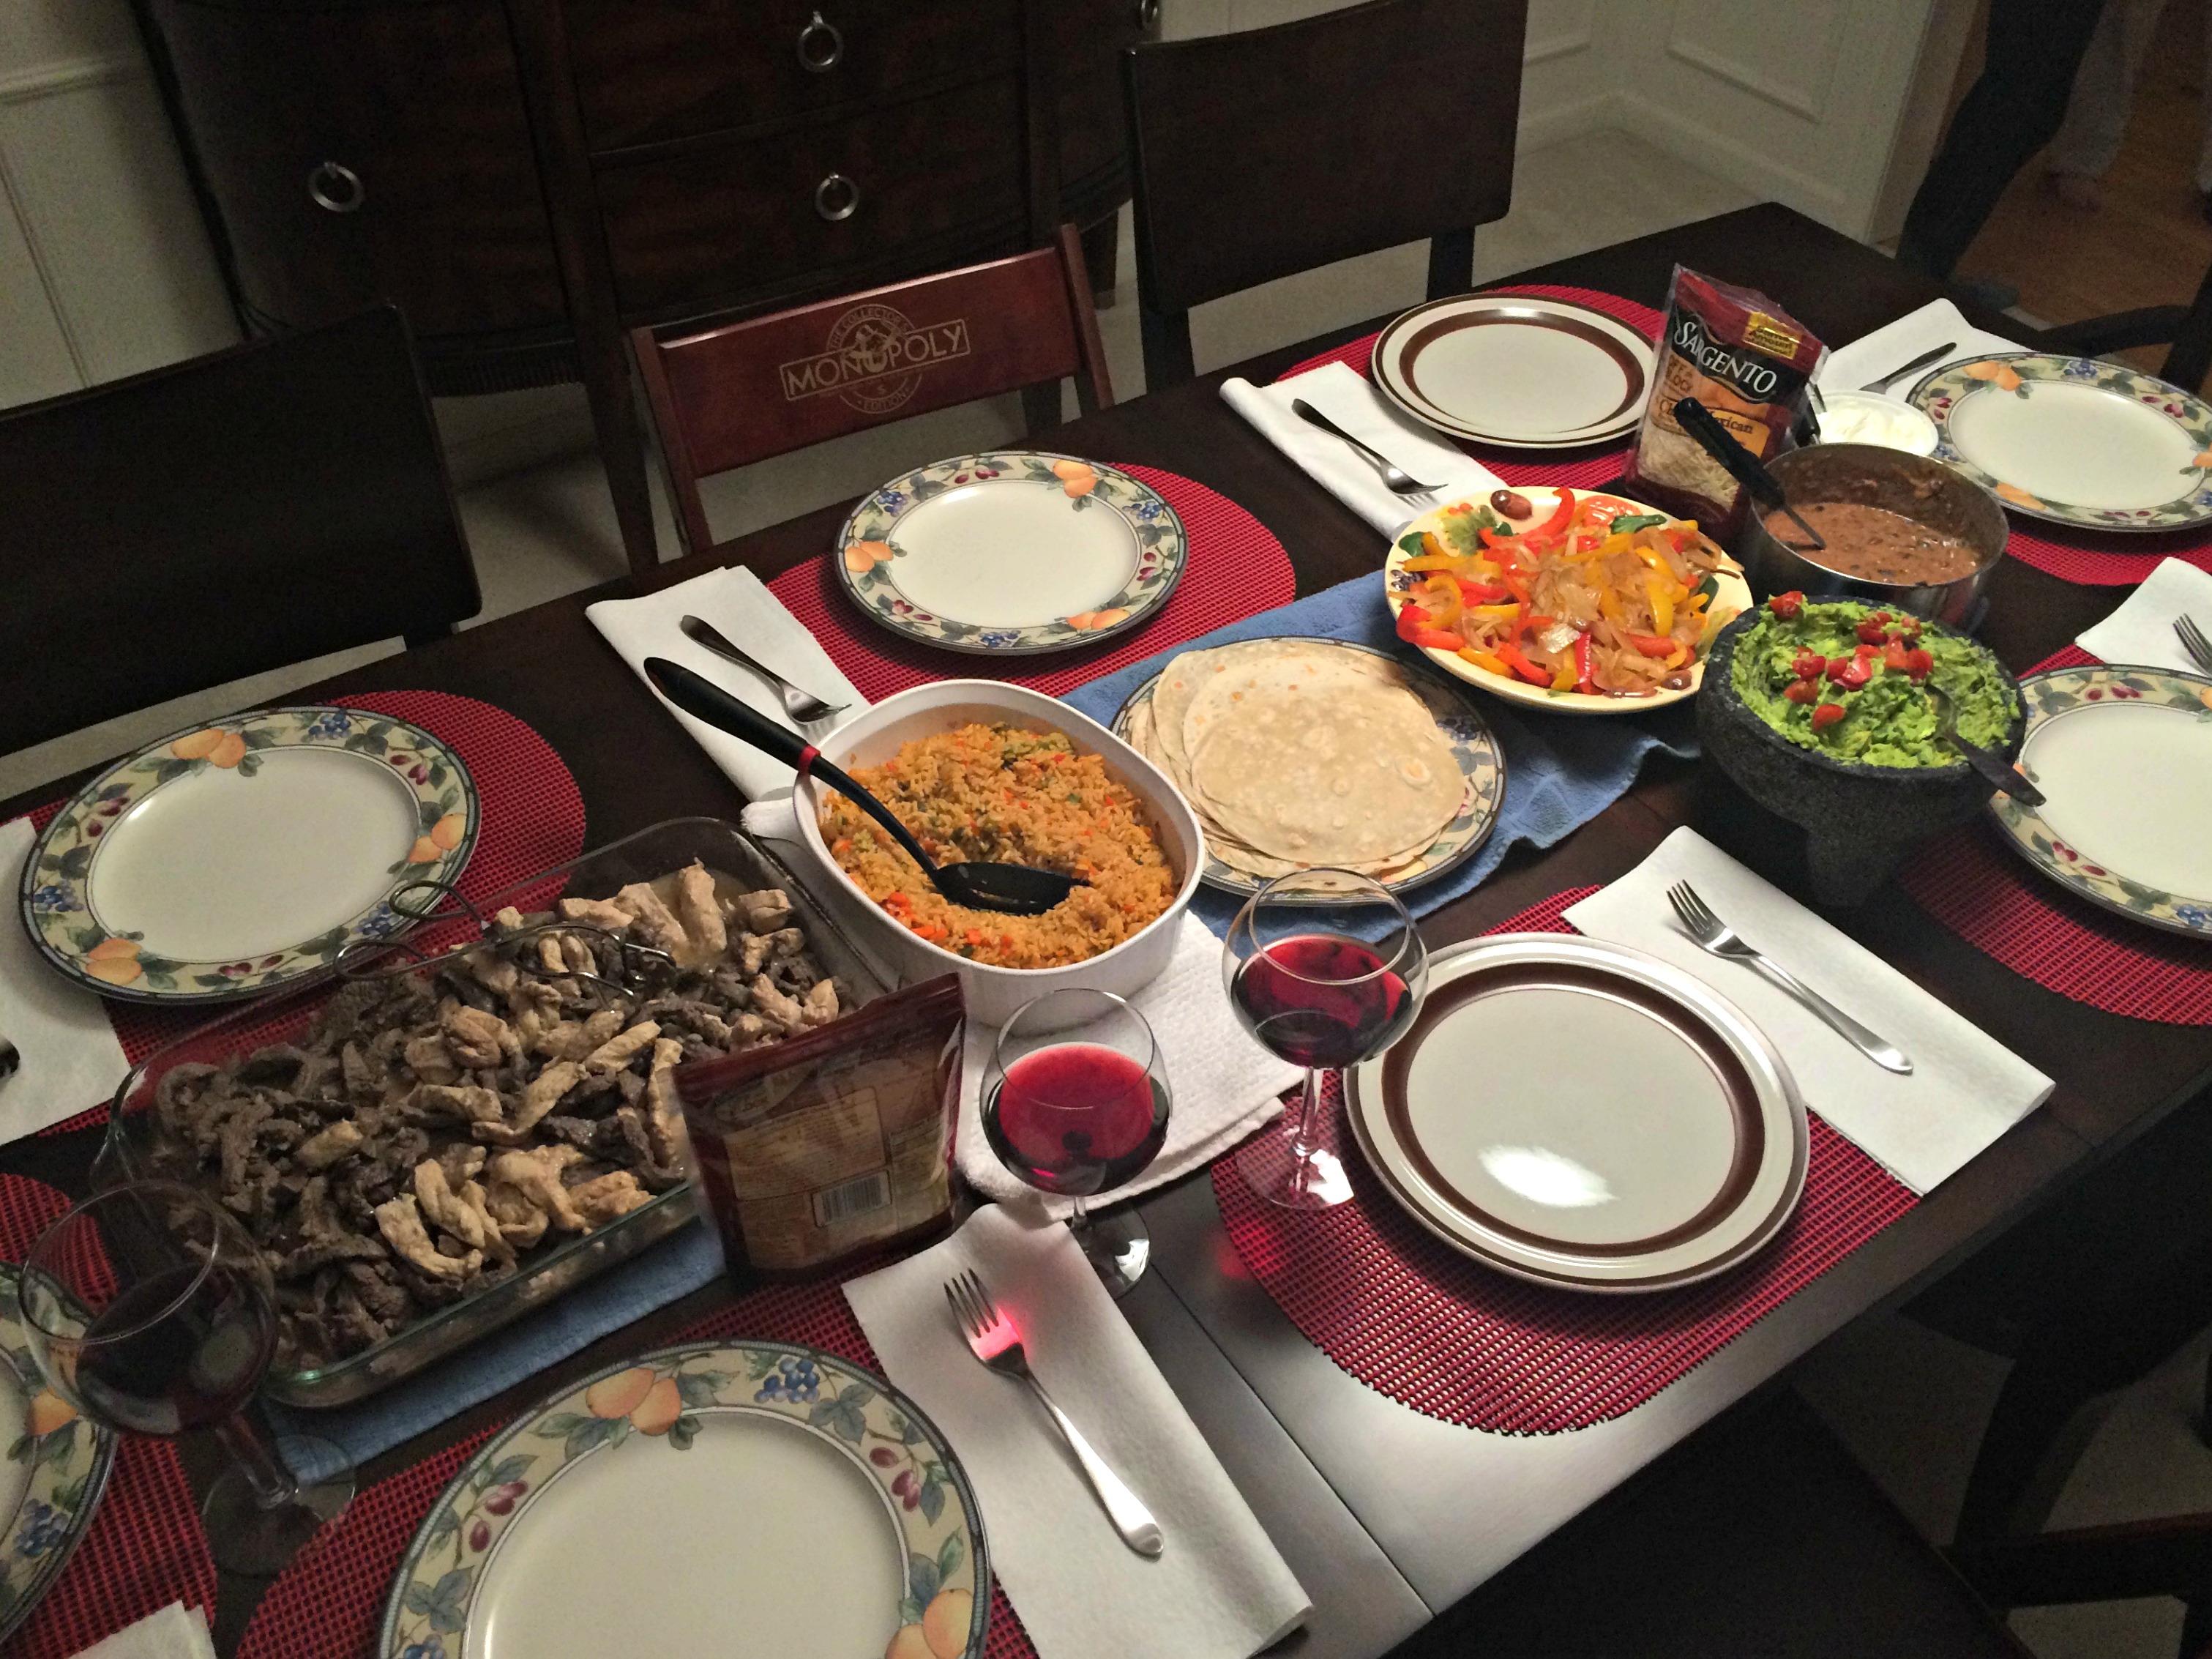 chicken and steak fajita dinner